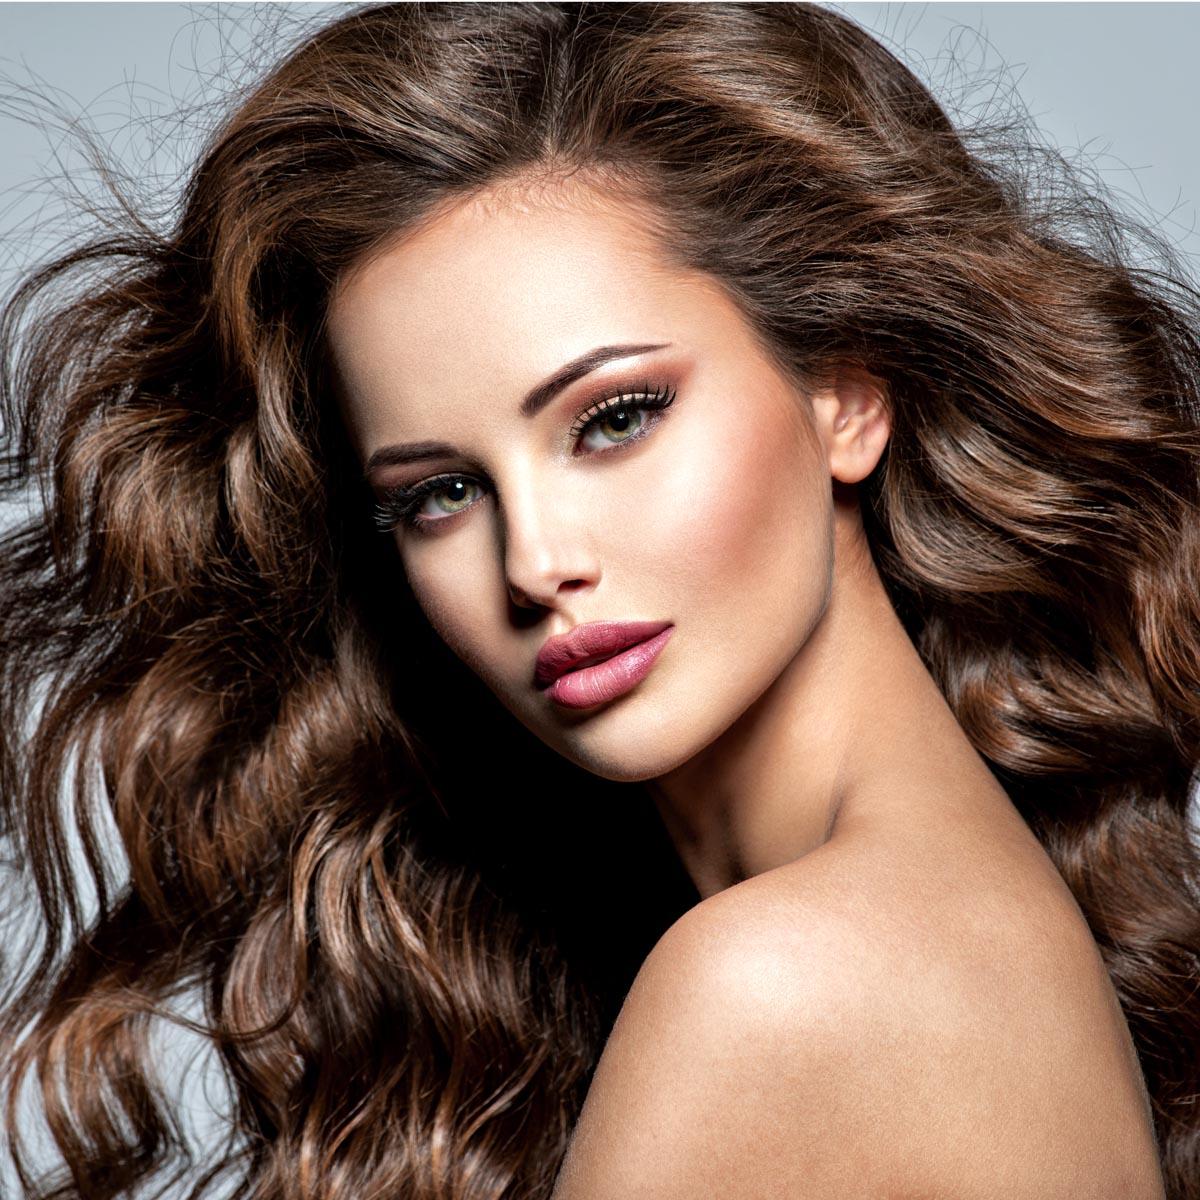 oczyszczanie skóry twarzy Beauty Address